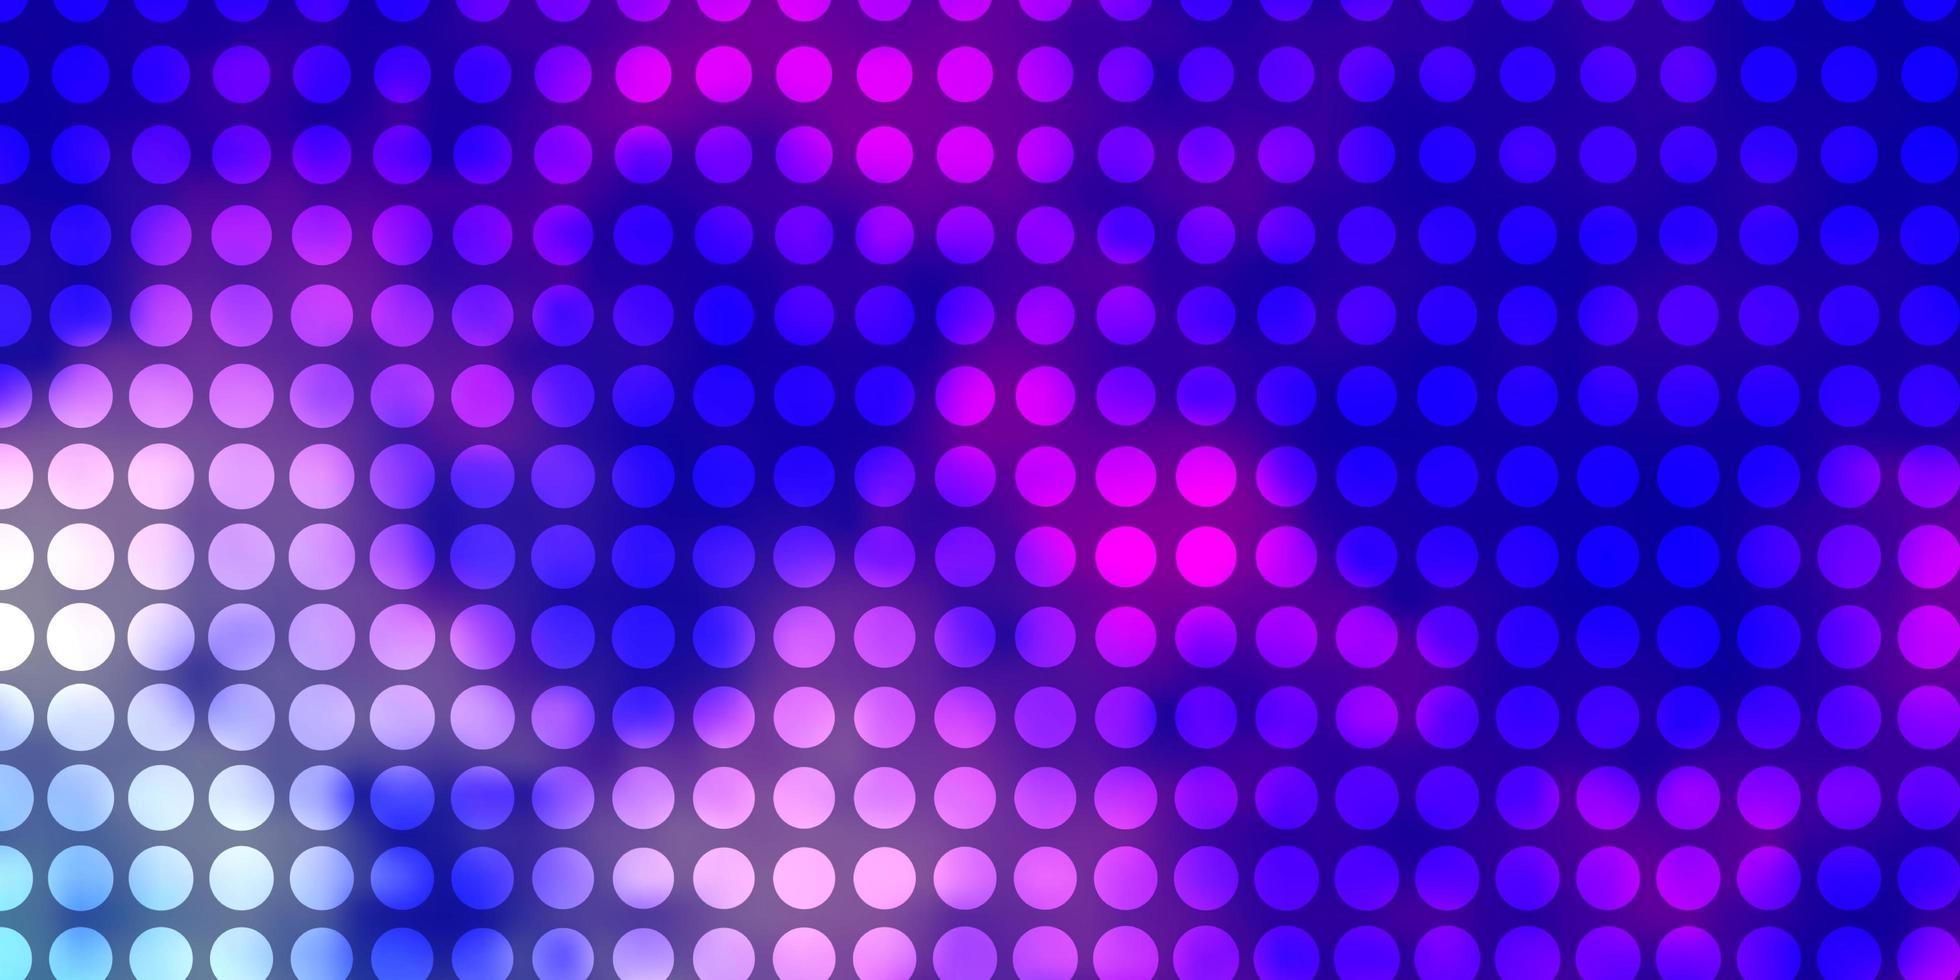 texture de vecteur rose clair, bleu avec des cercles.